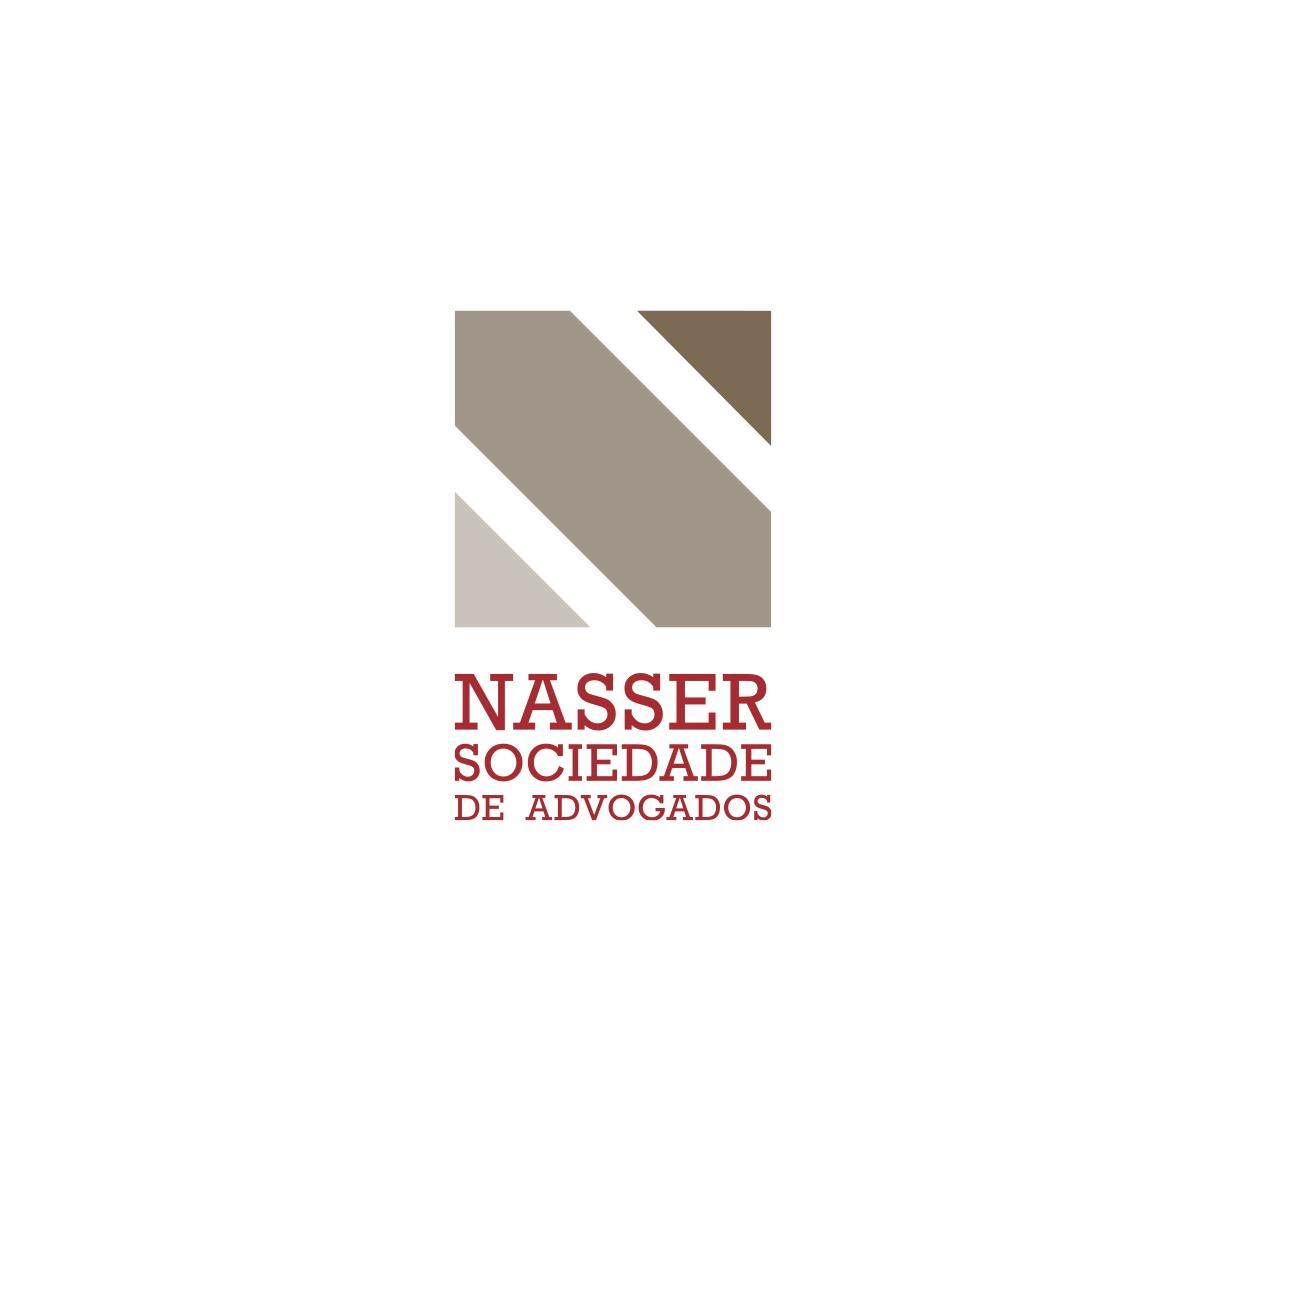 the Nasser Sociedade de Advogados logo.